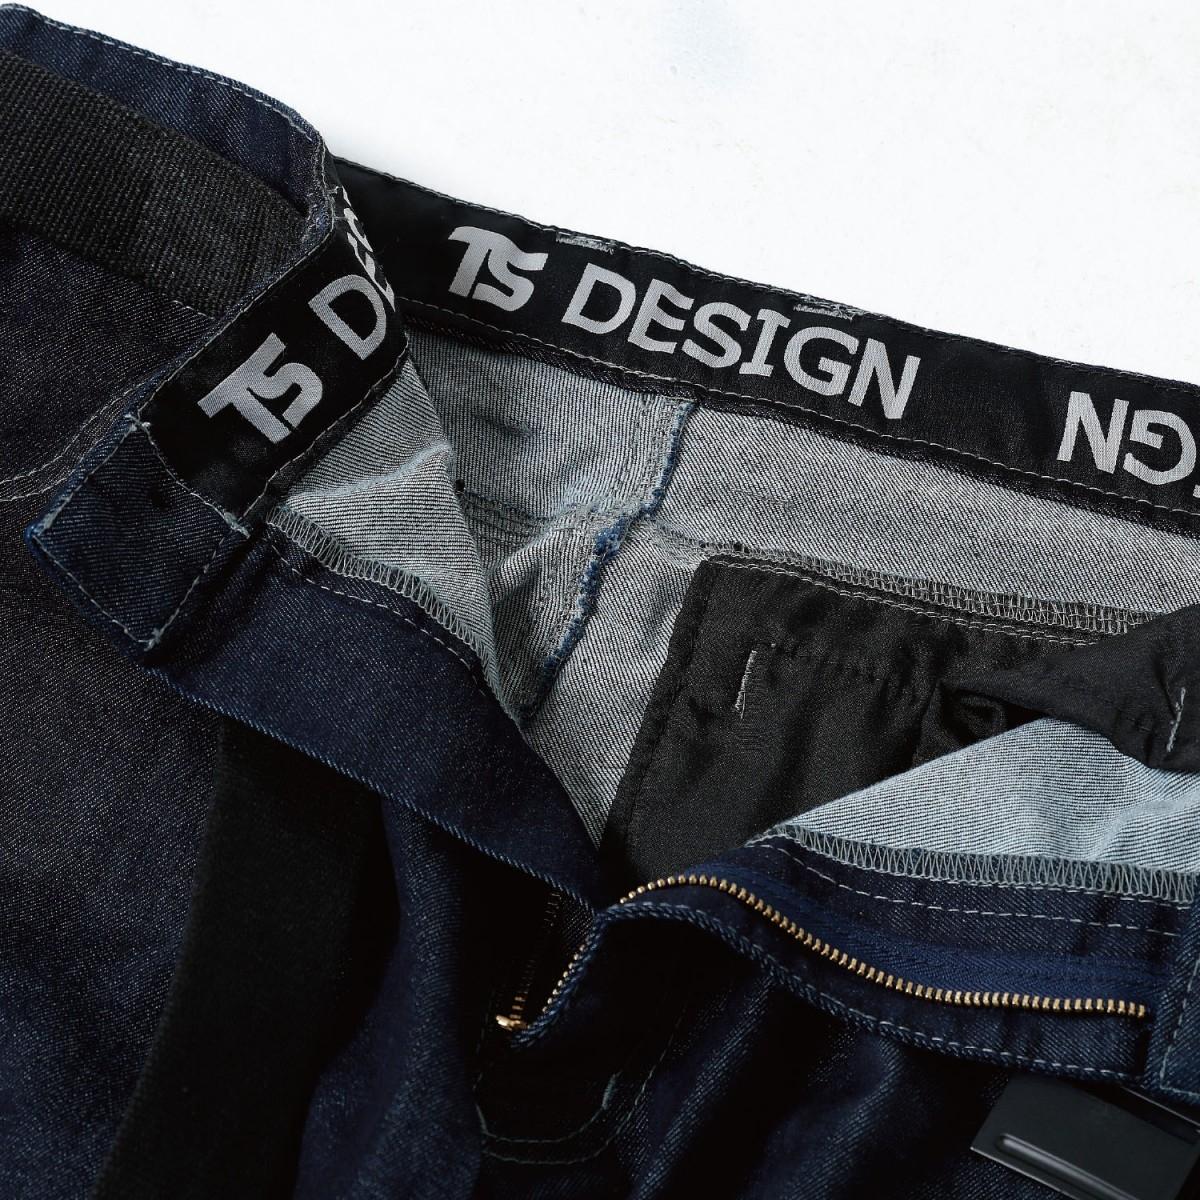 TS DESIGN 5114 カーゴパンツ ¥3,990(税込)ウエストもしっかり伸びて、ぴったりフィットします。